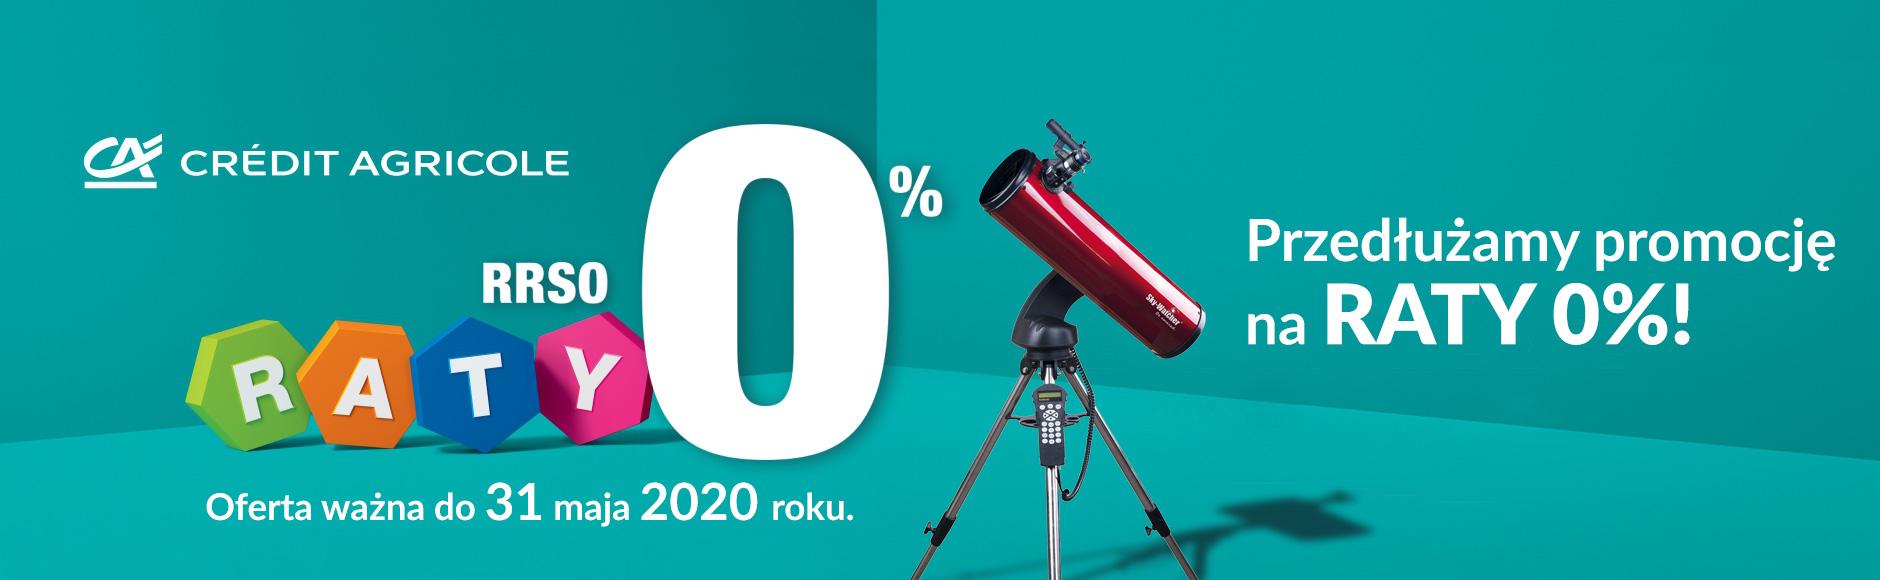 Raty rrso 0% 2020